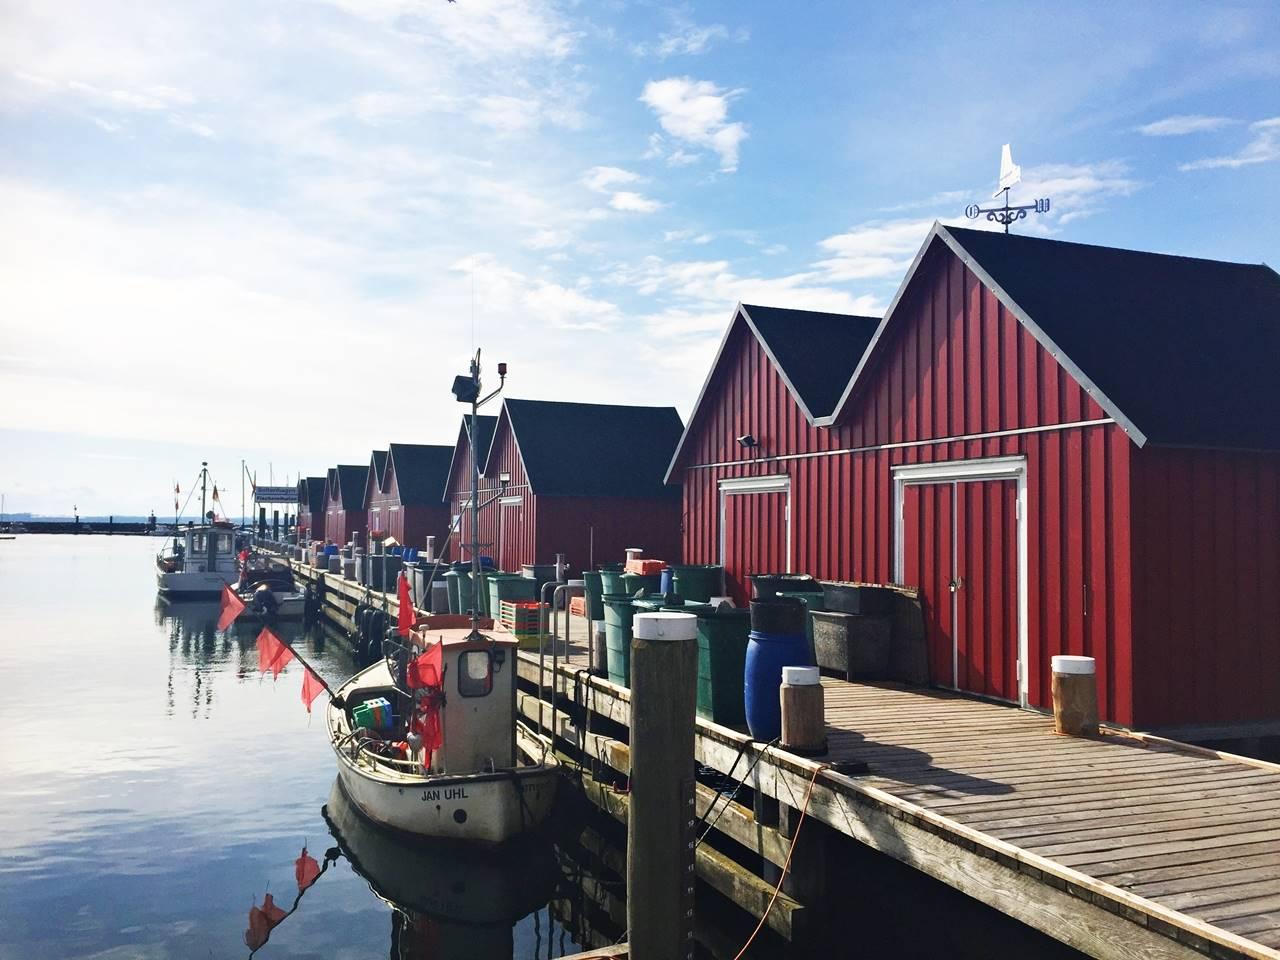 Marina i Boltenhagen